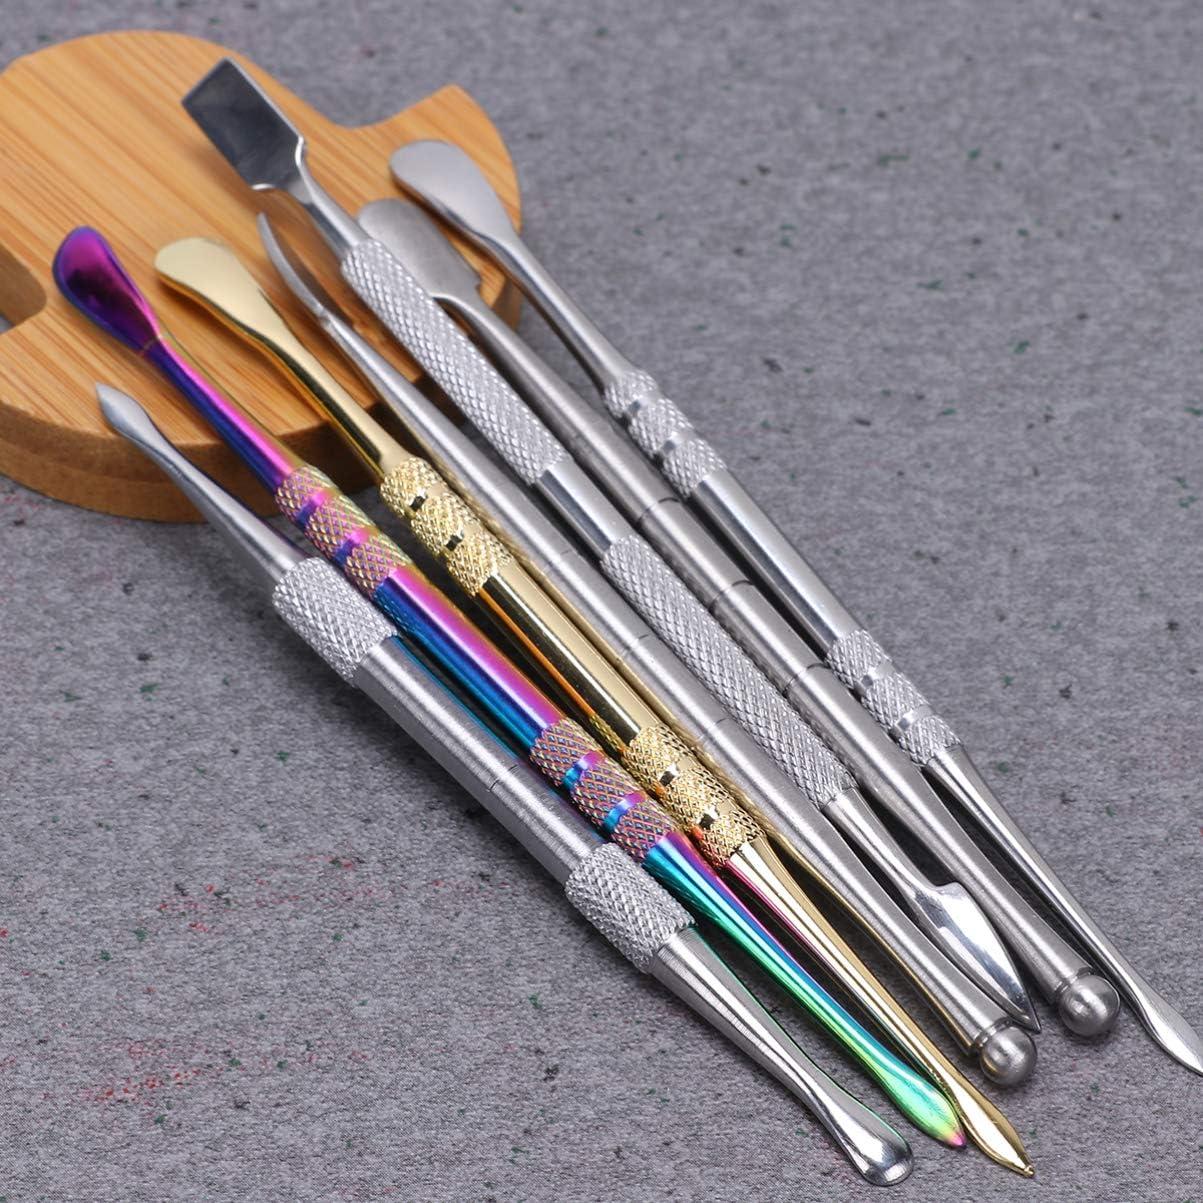 MILISTEN 7 St/ück Wachsschnitzwerkzeug Tonformwerkzeuge Edelstahl Wachsbildhauer Schnitzl/öffel Doppelseitiges Keramikskulpturwerkzeug